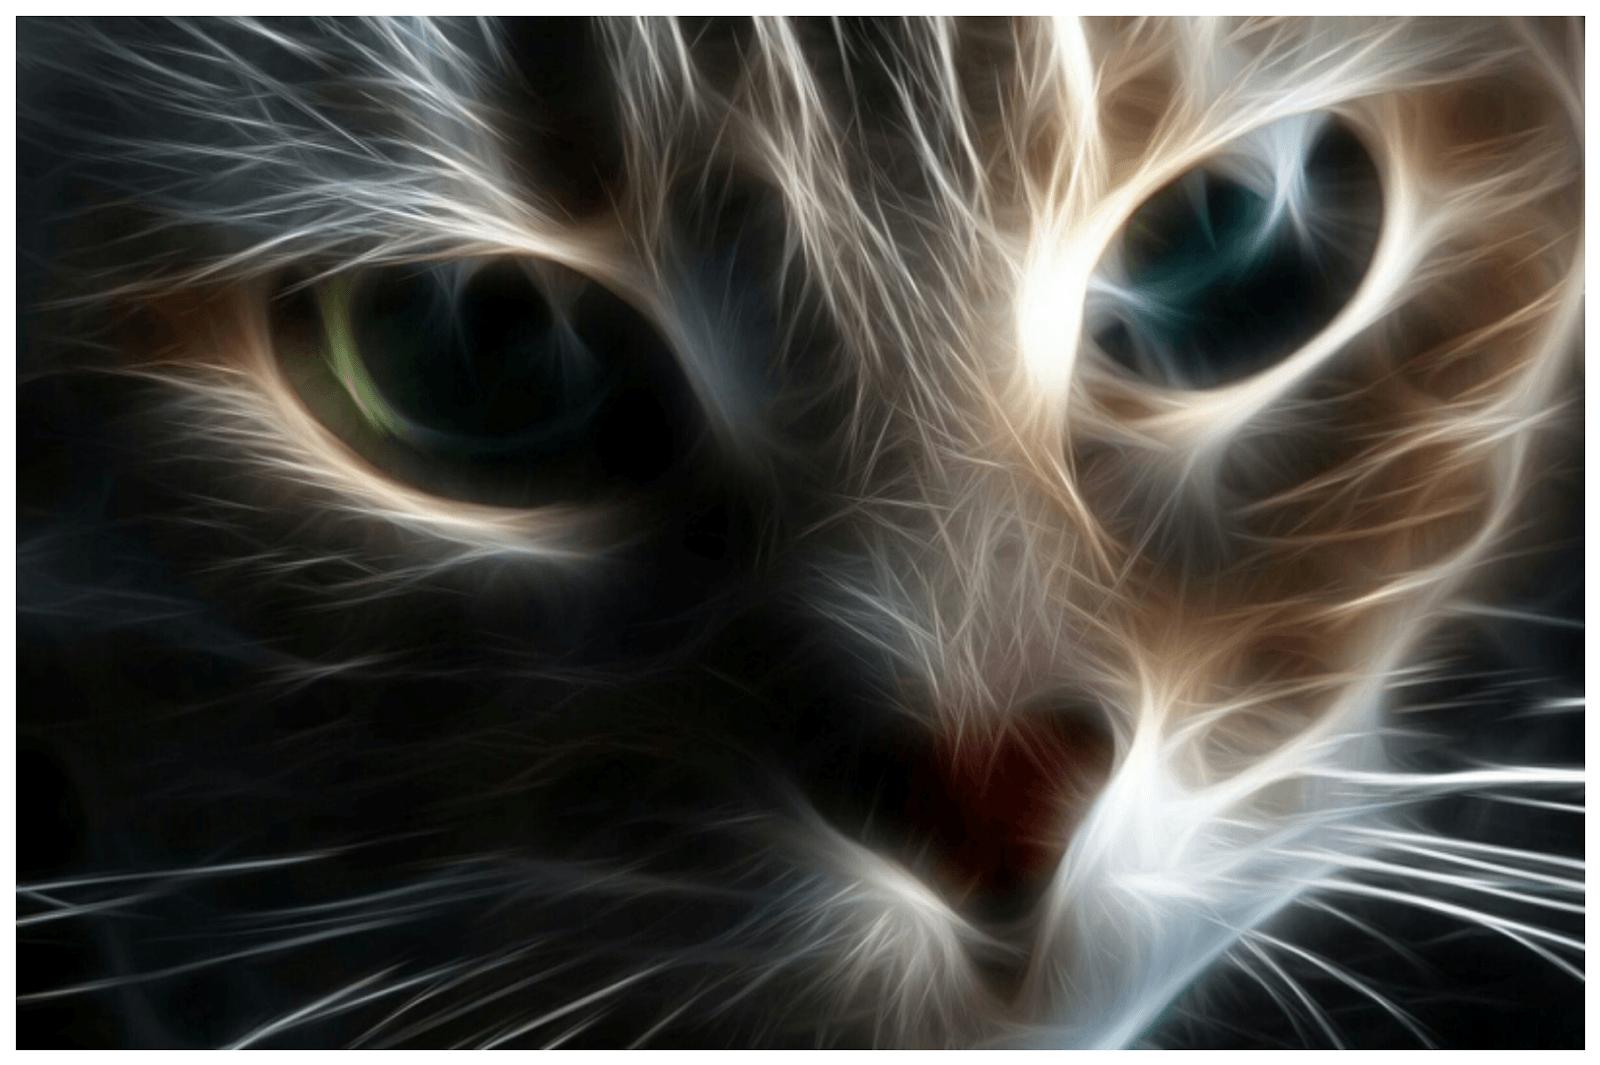 1600x1065 Trung tâm Hình nền Kỳ lạ: Hình nền Máy tính Mèo.  Full HD Kitty dễ thương